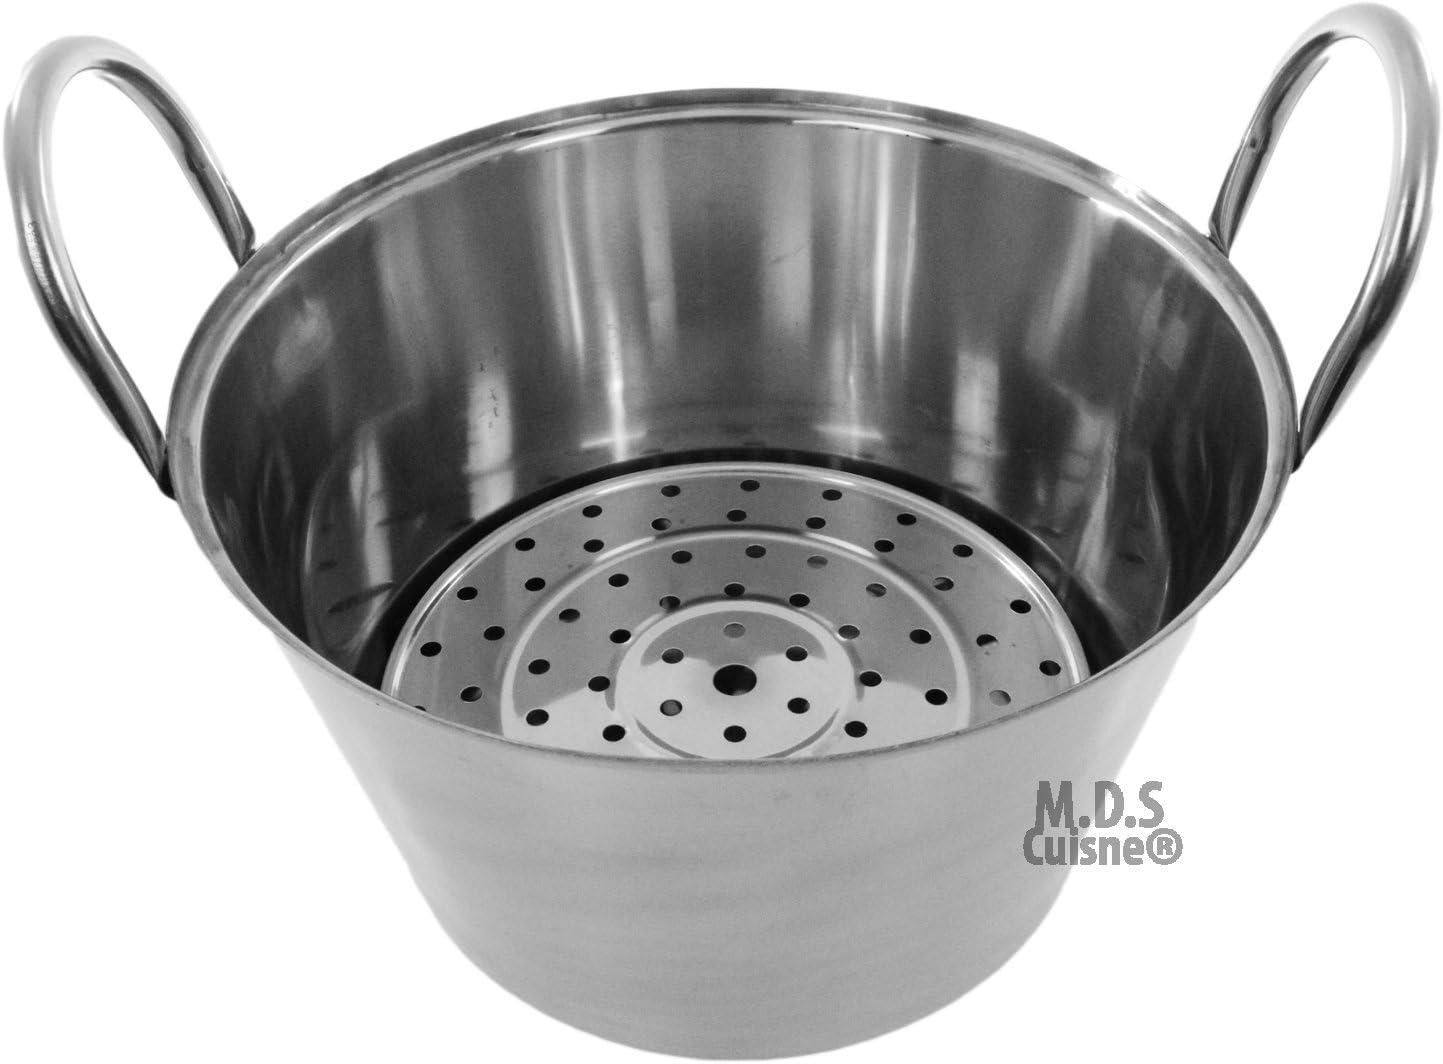 M.D.S Cuisine Cookwares Cazo 21